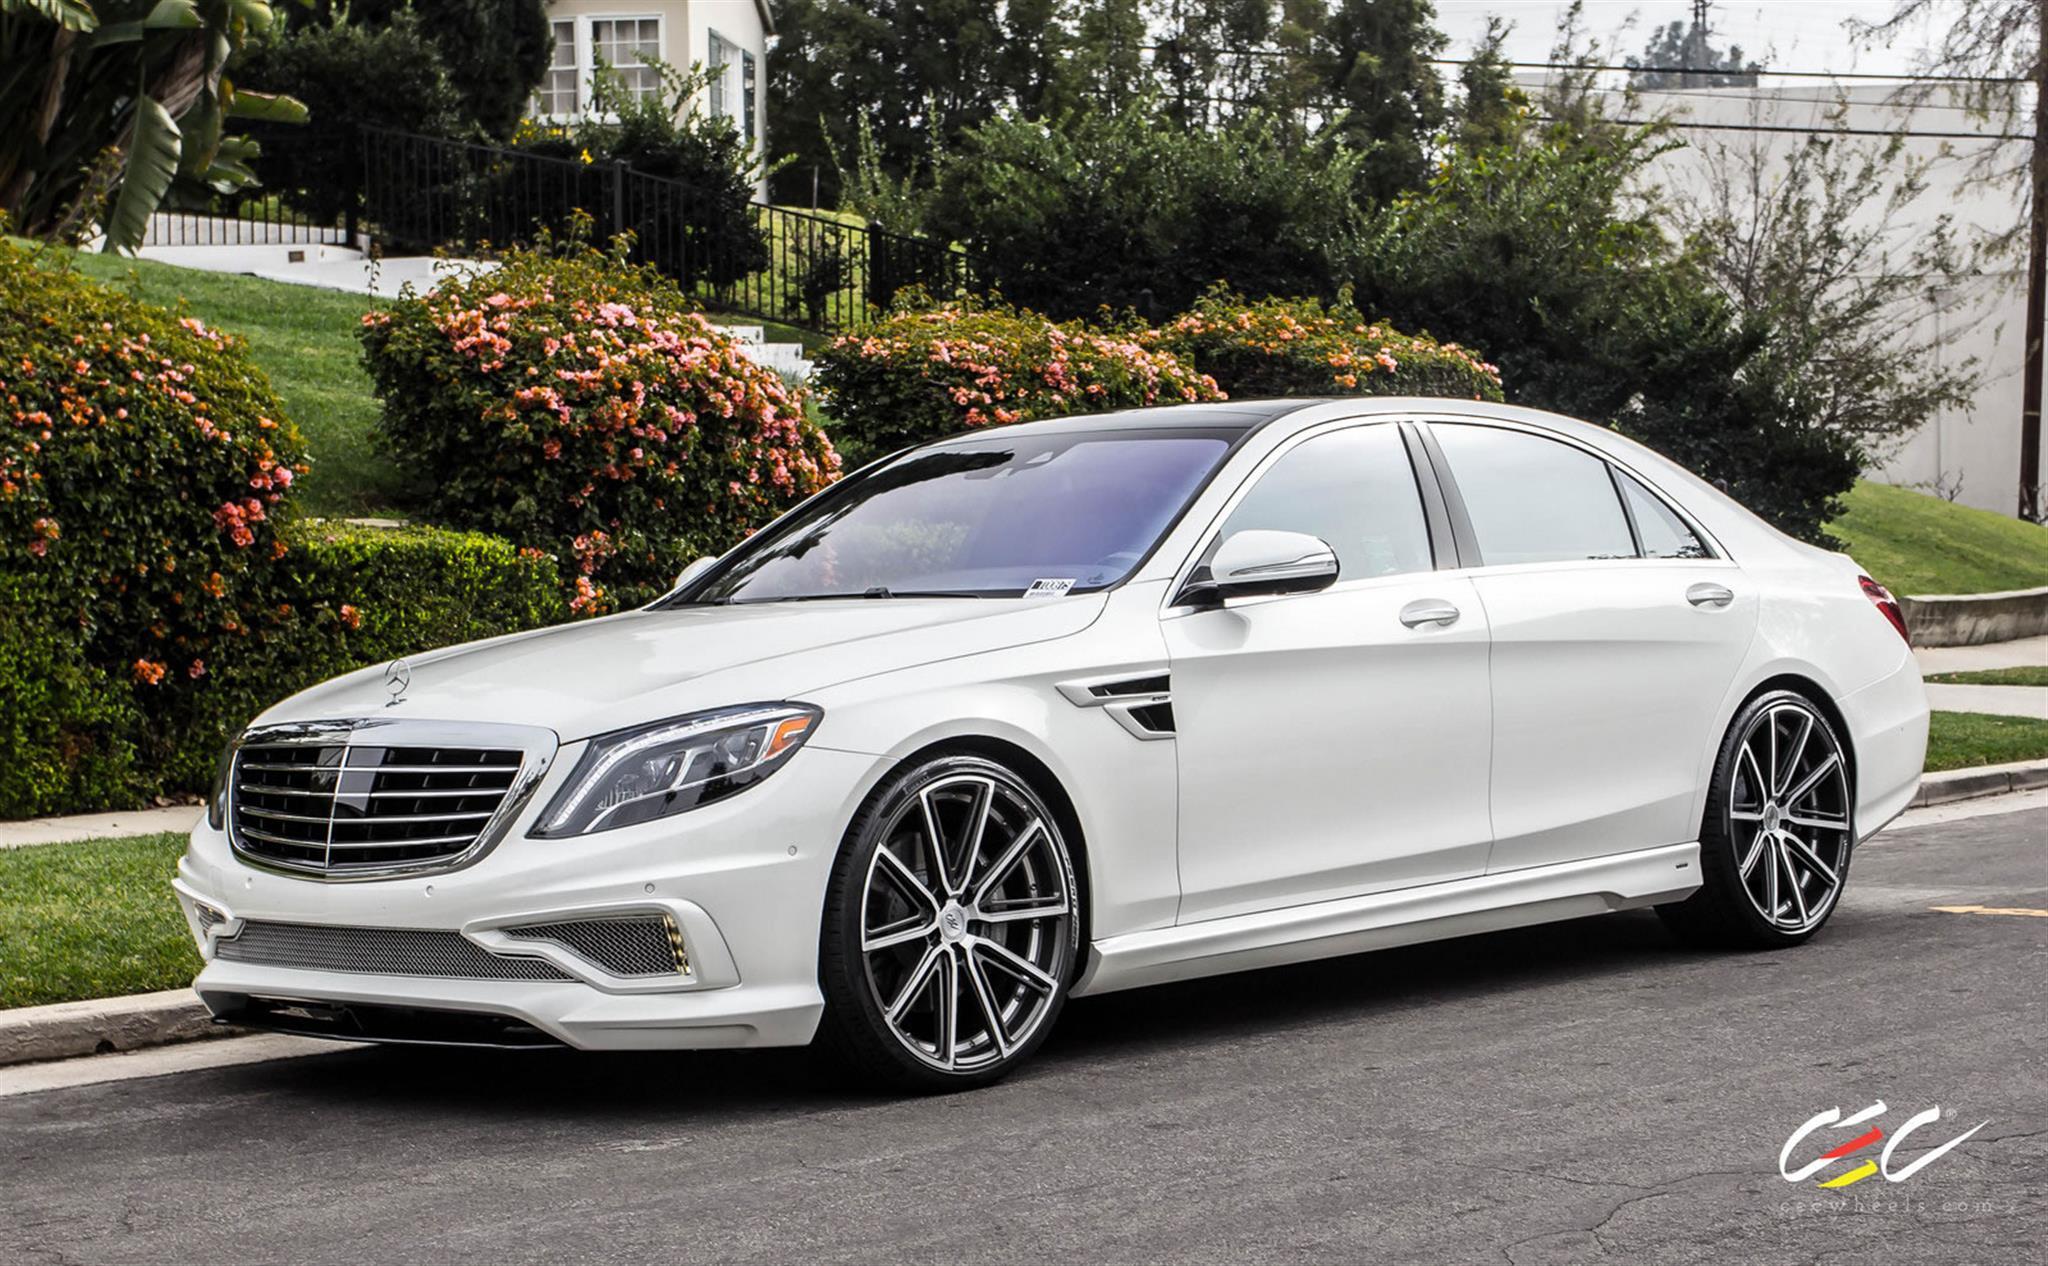 Mercedes-Benz - S 550 -  - Wheels & Tires